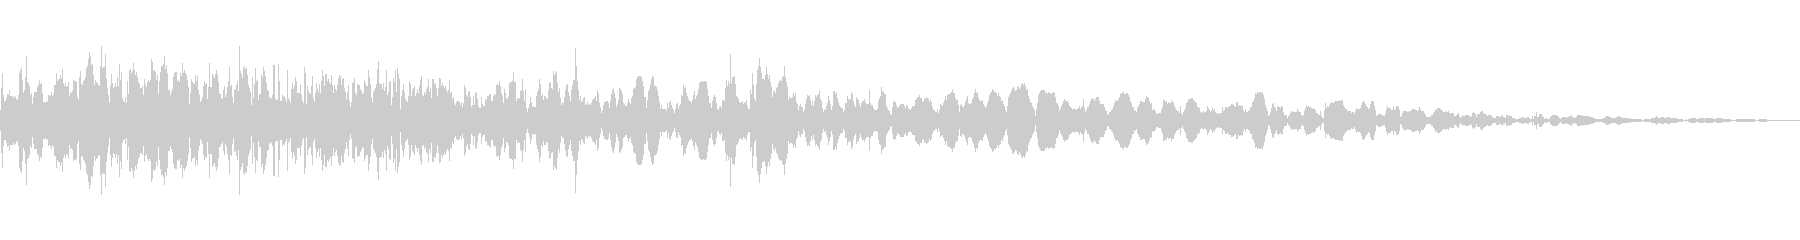 砕け散る音の未再生の波形